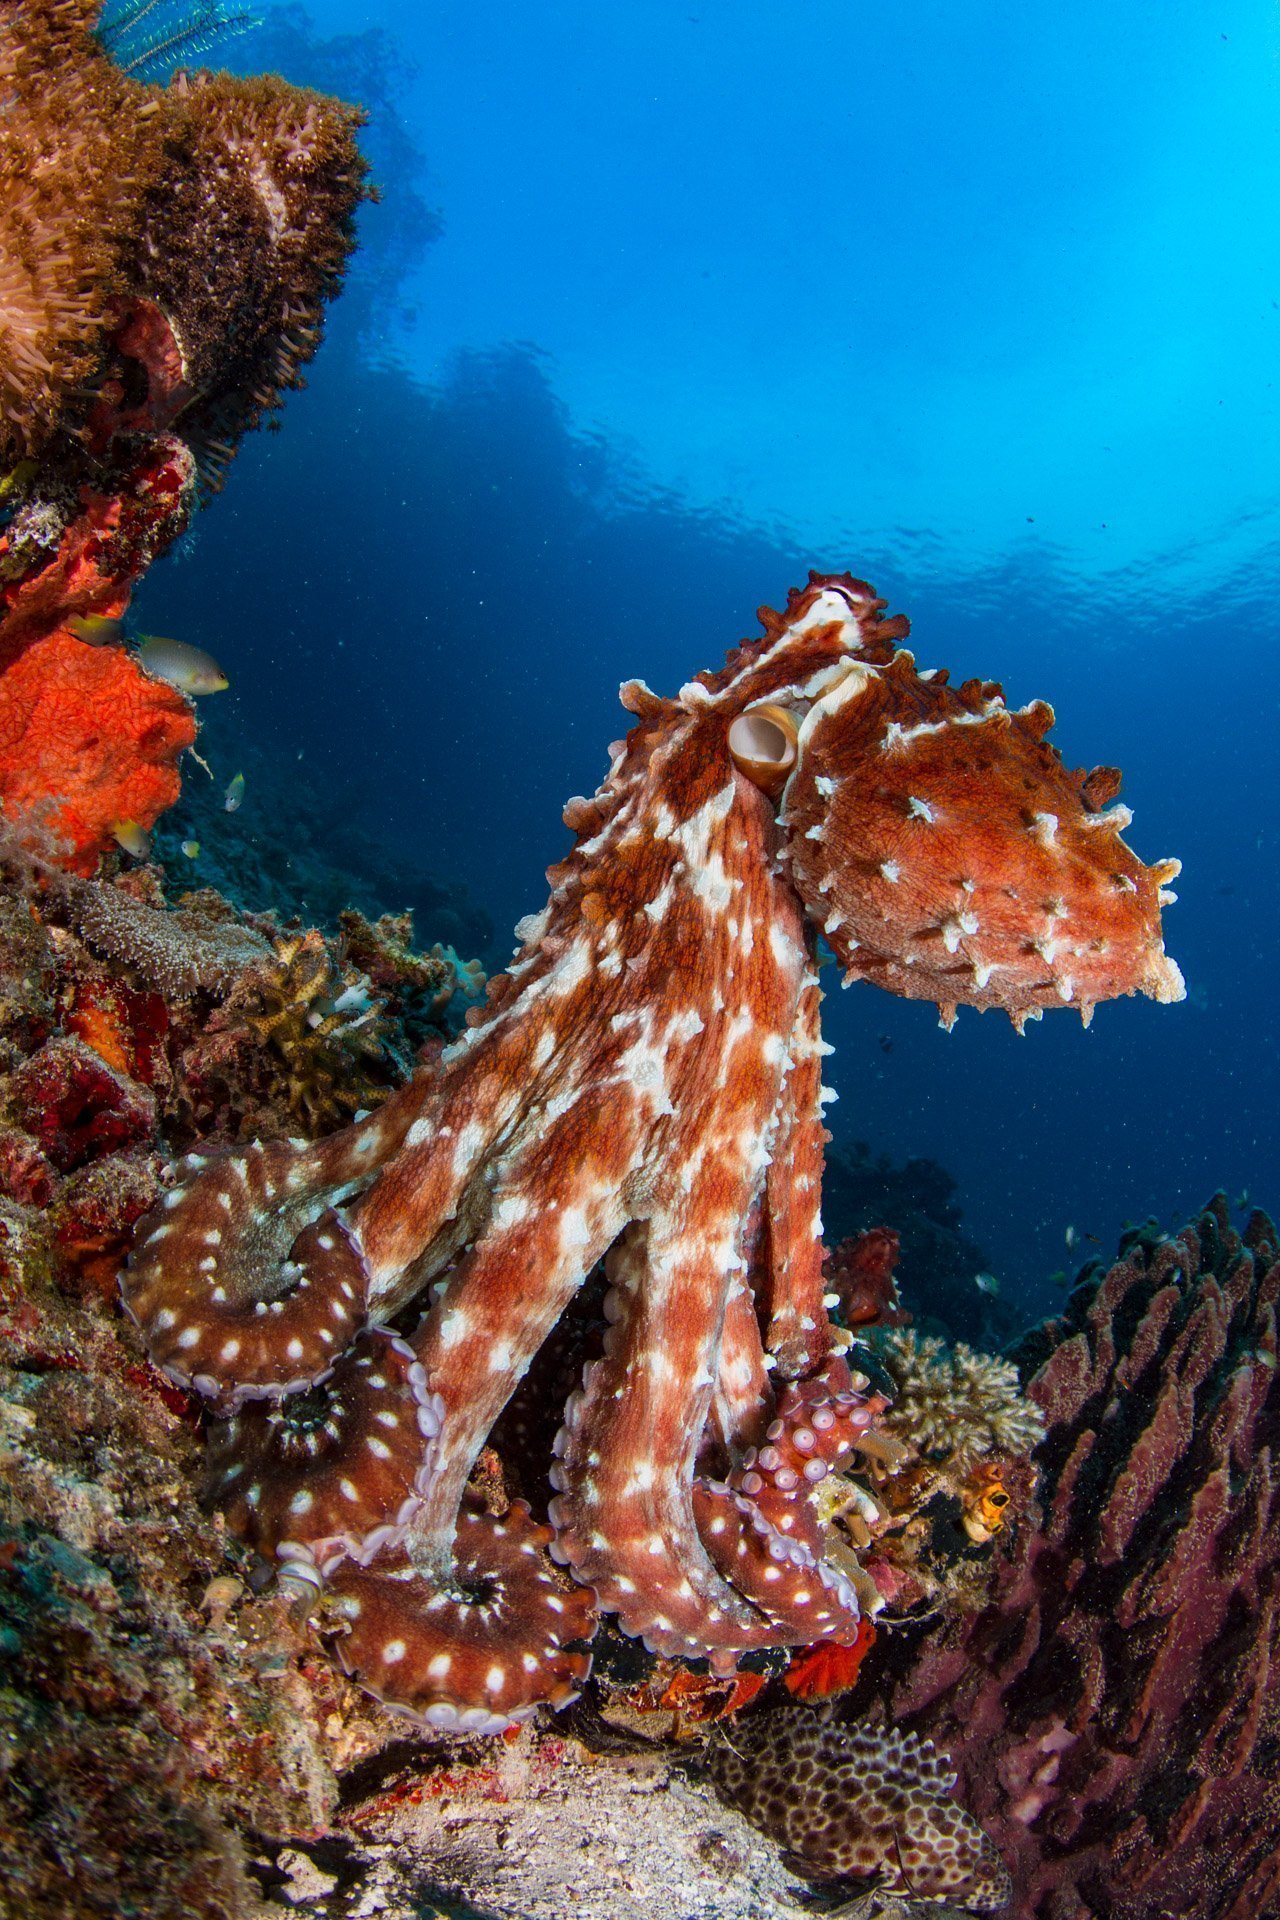 octopus standing up